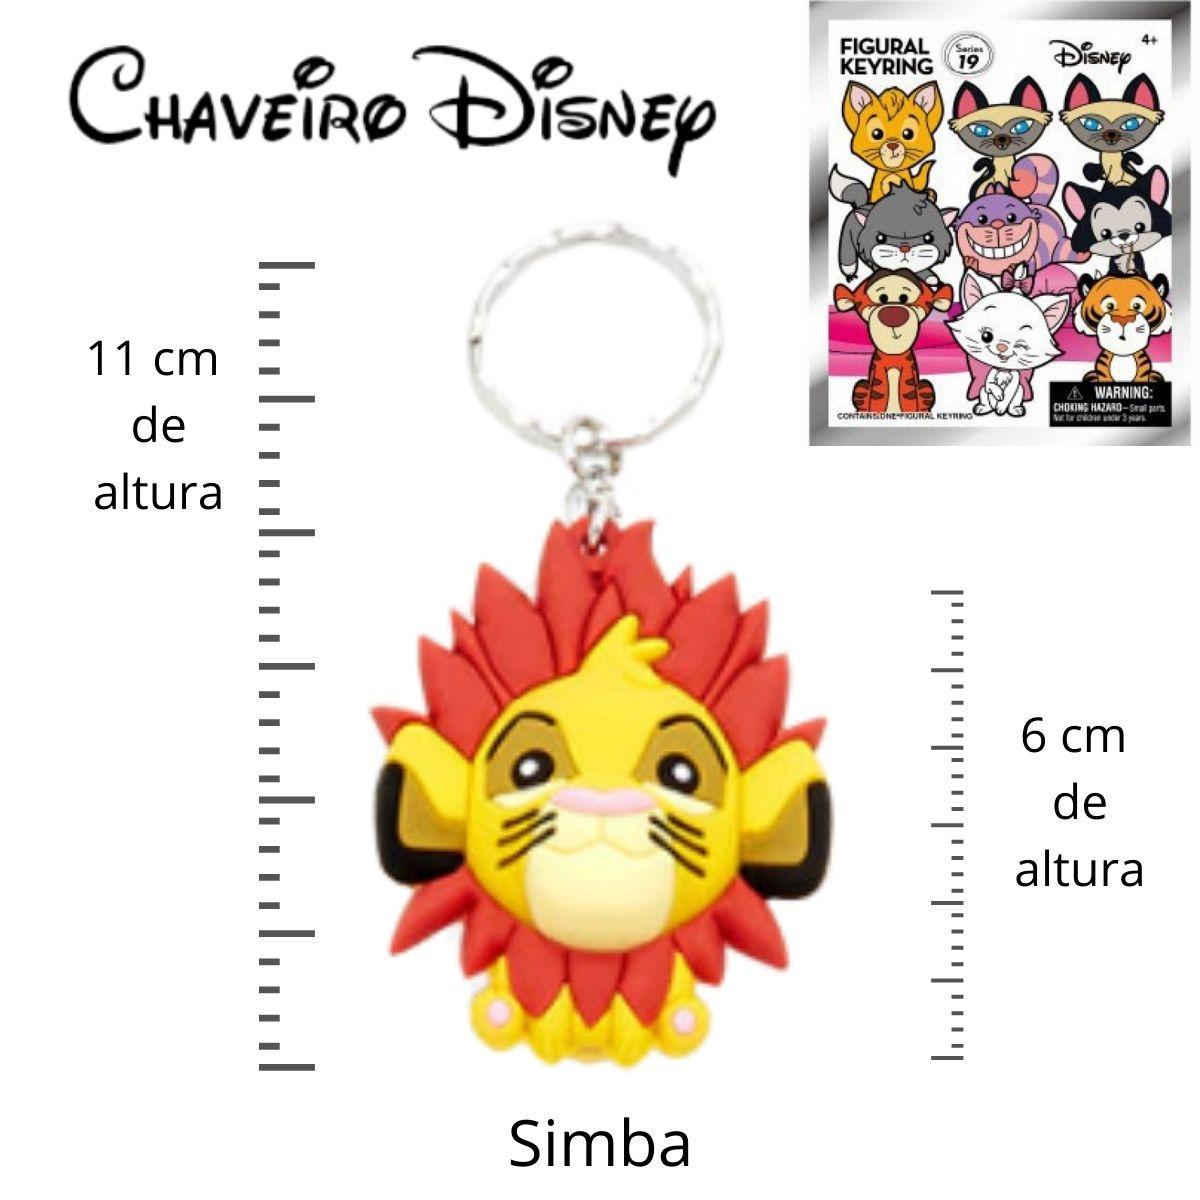 Chaveiro Disney Simba Rei Leão  - Game Land Brinquedos